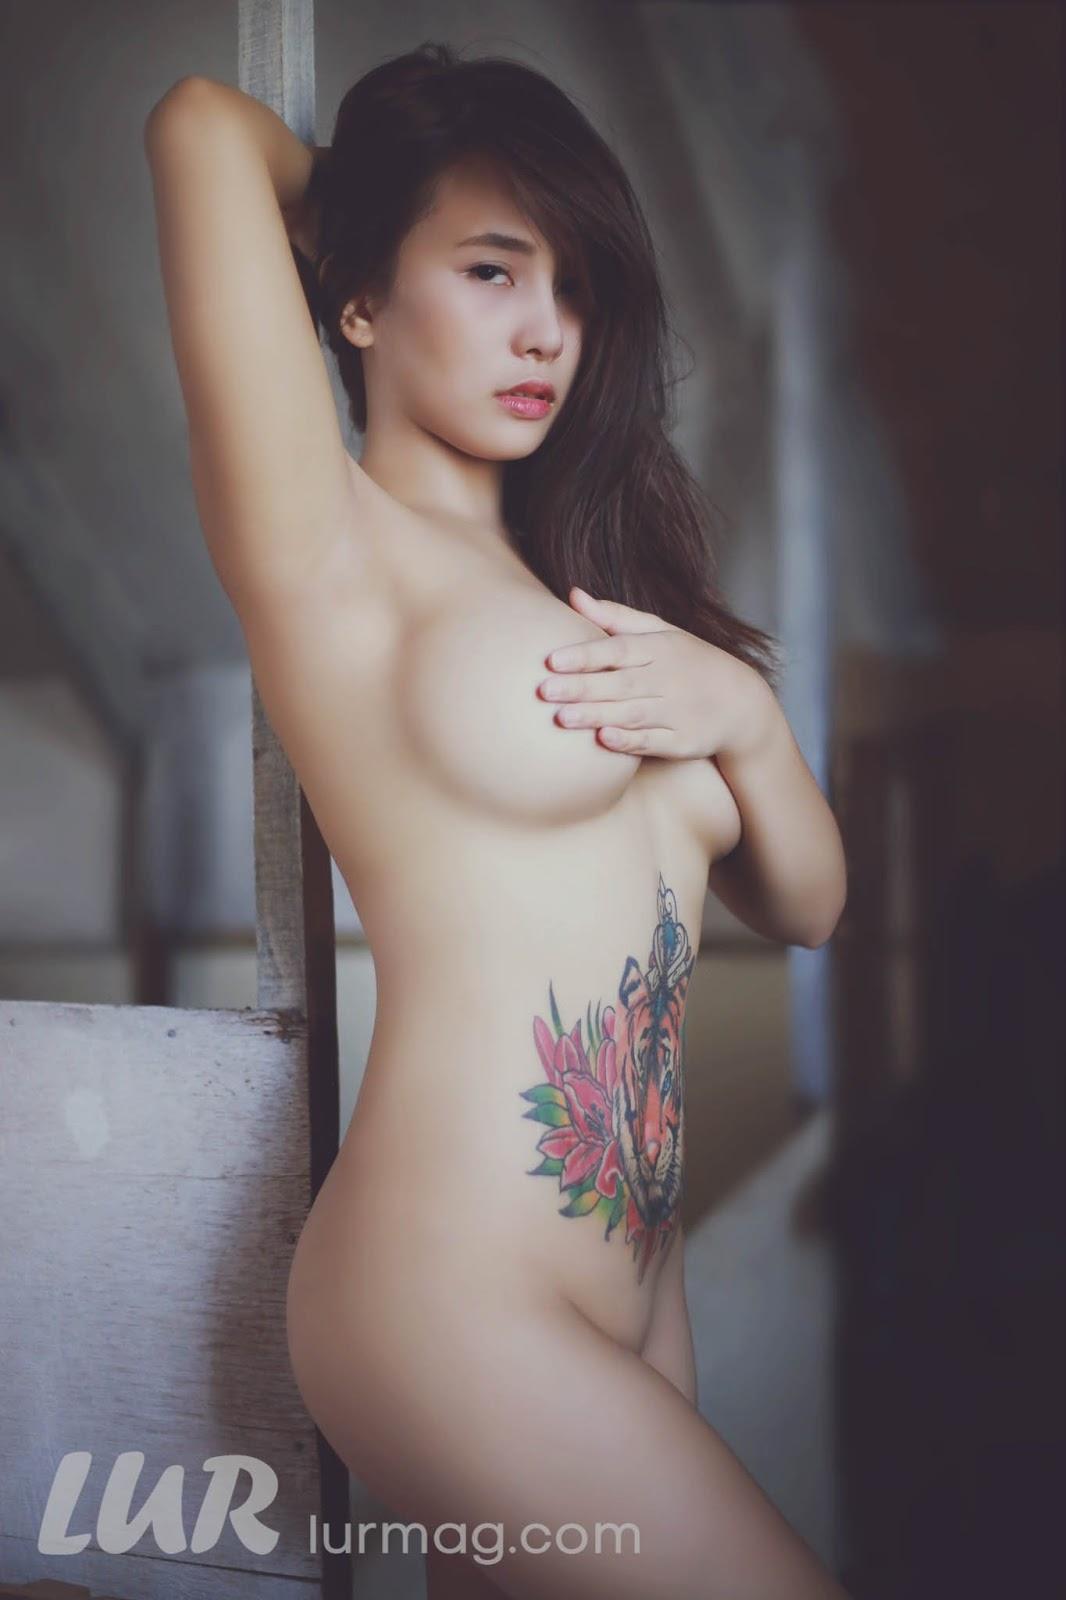 elaiza cae jayden sexy naked pics 04